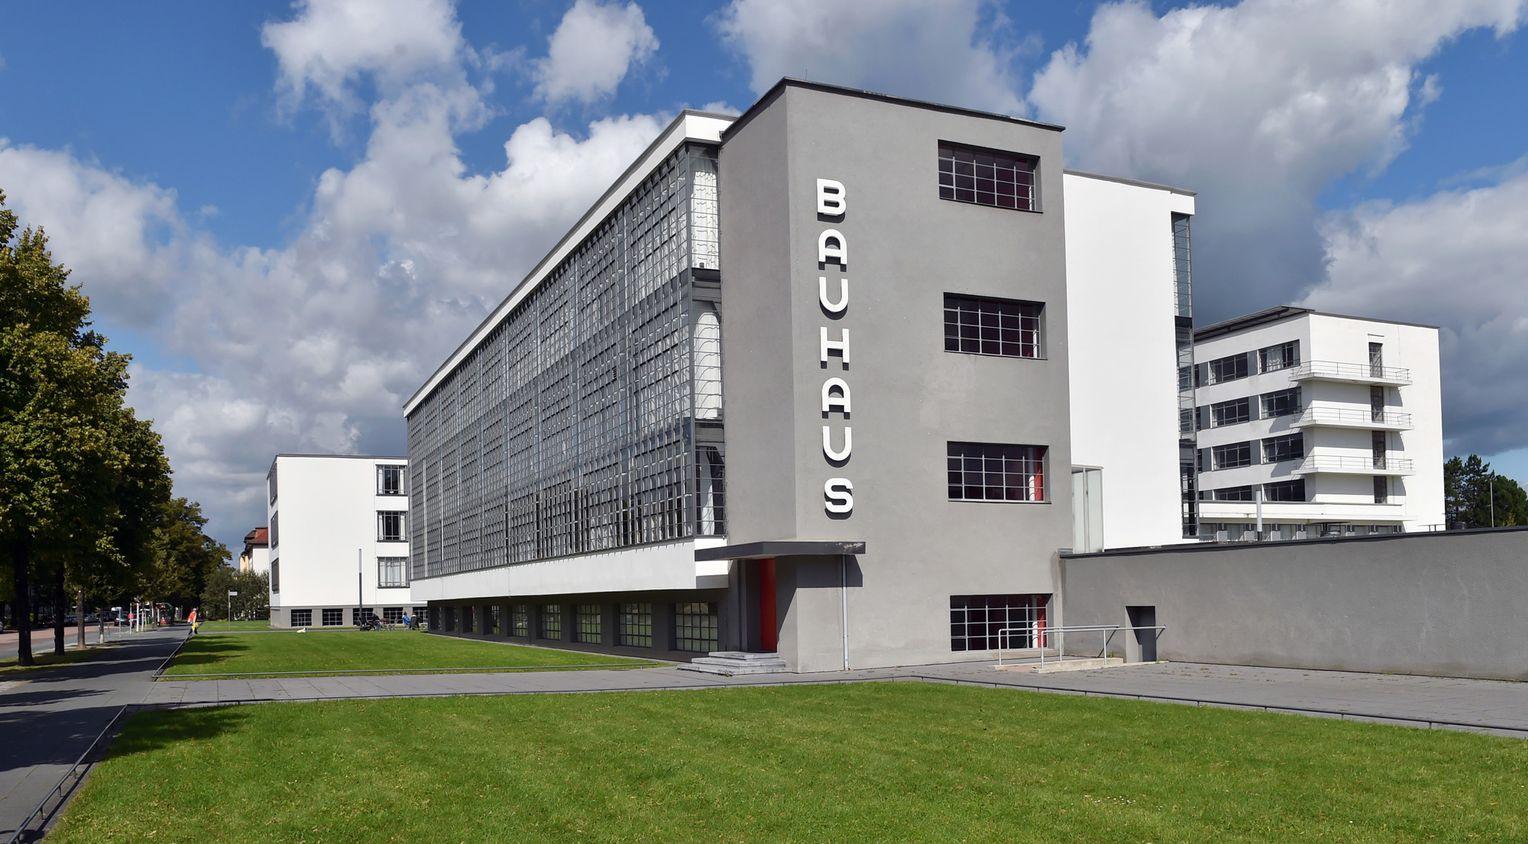 Full Size of Berlin Liegestuhl Garten Bauhaus Fenster Wohnzimmer Bauhaus Liegestuhl